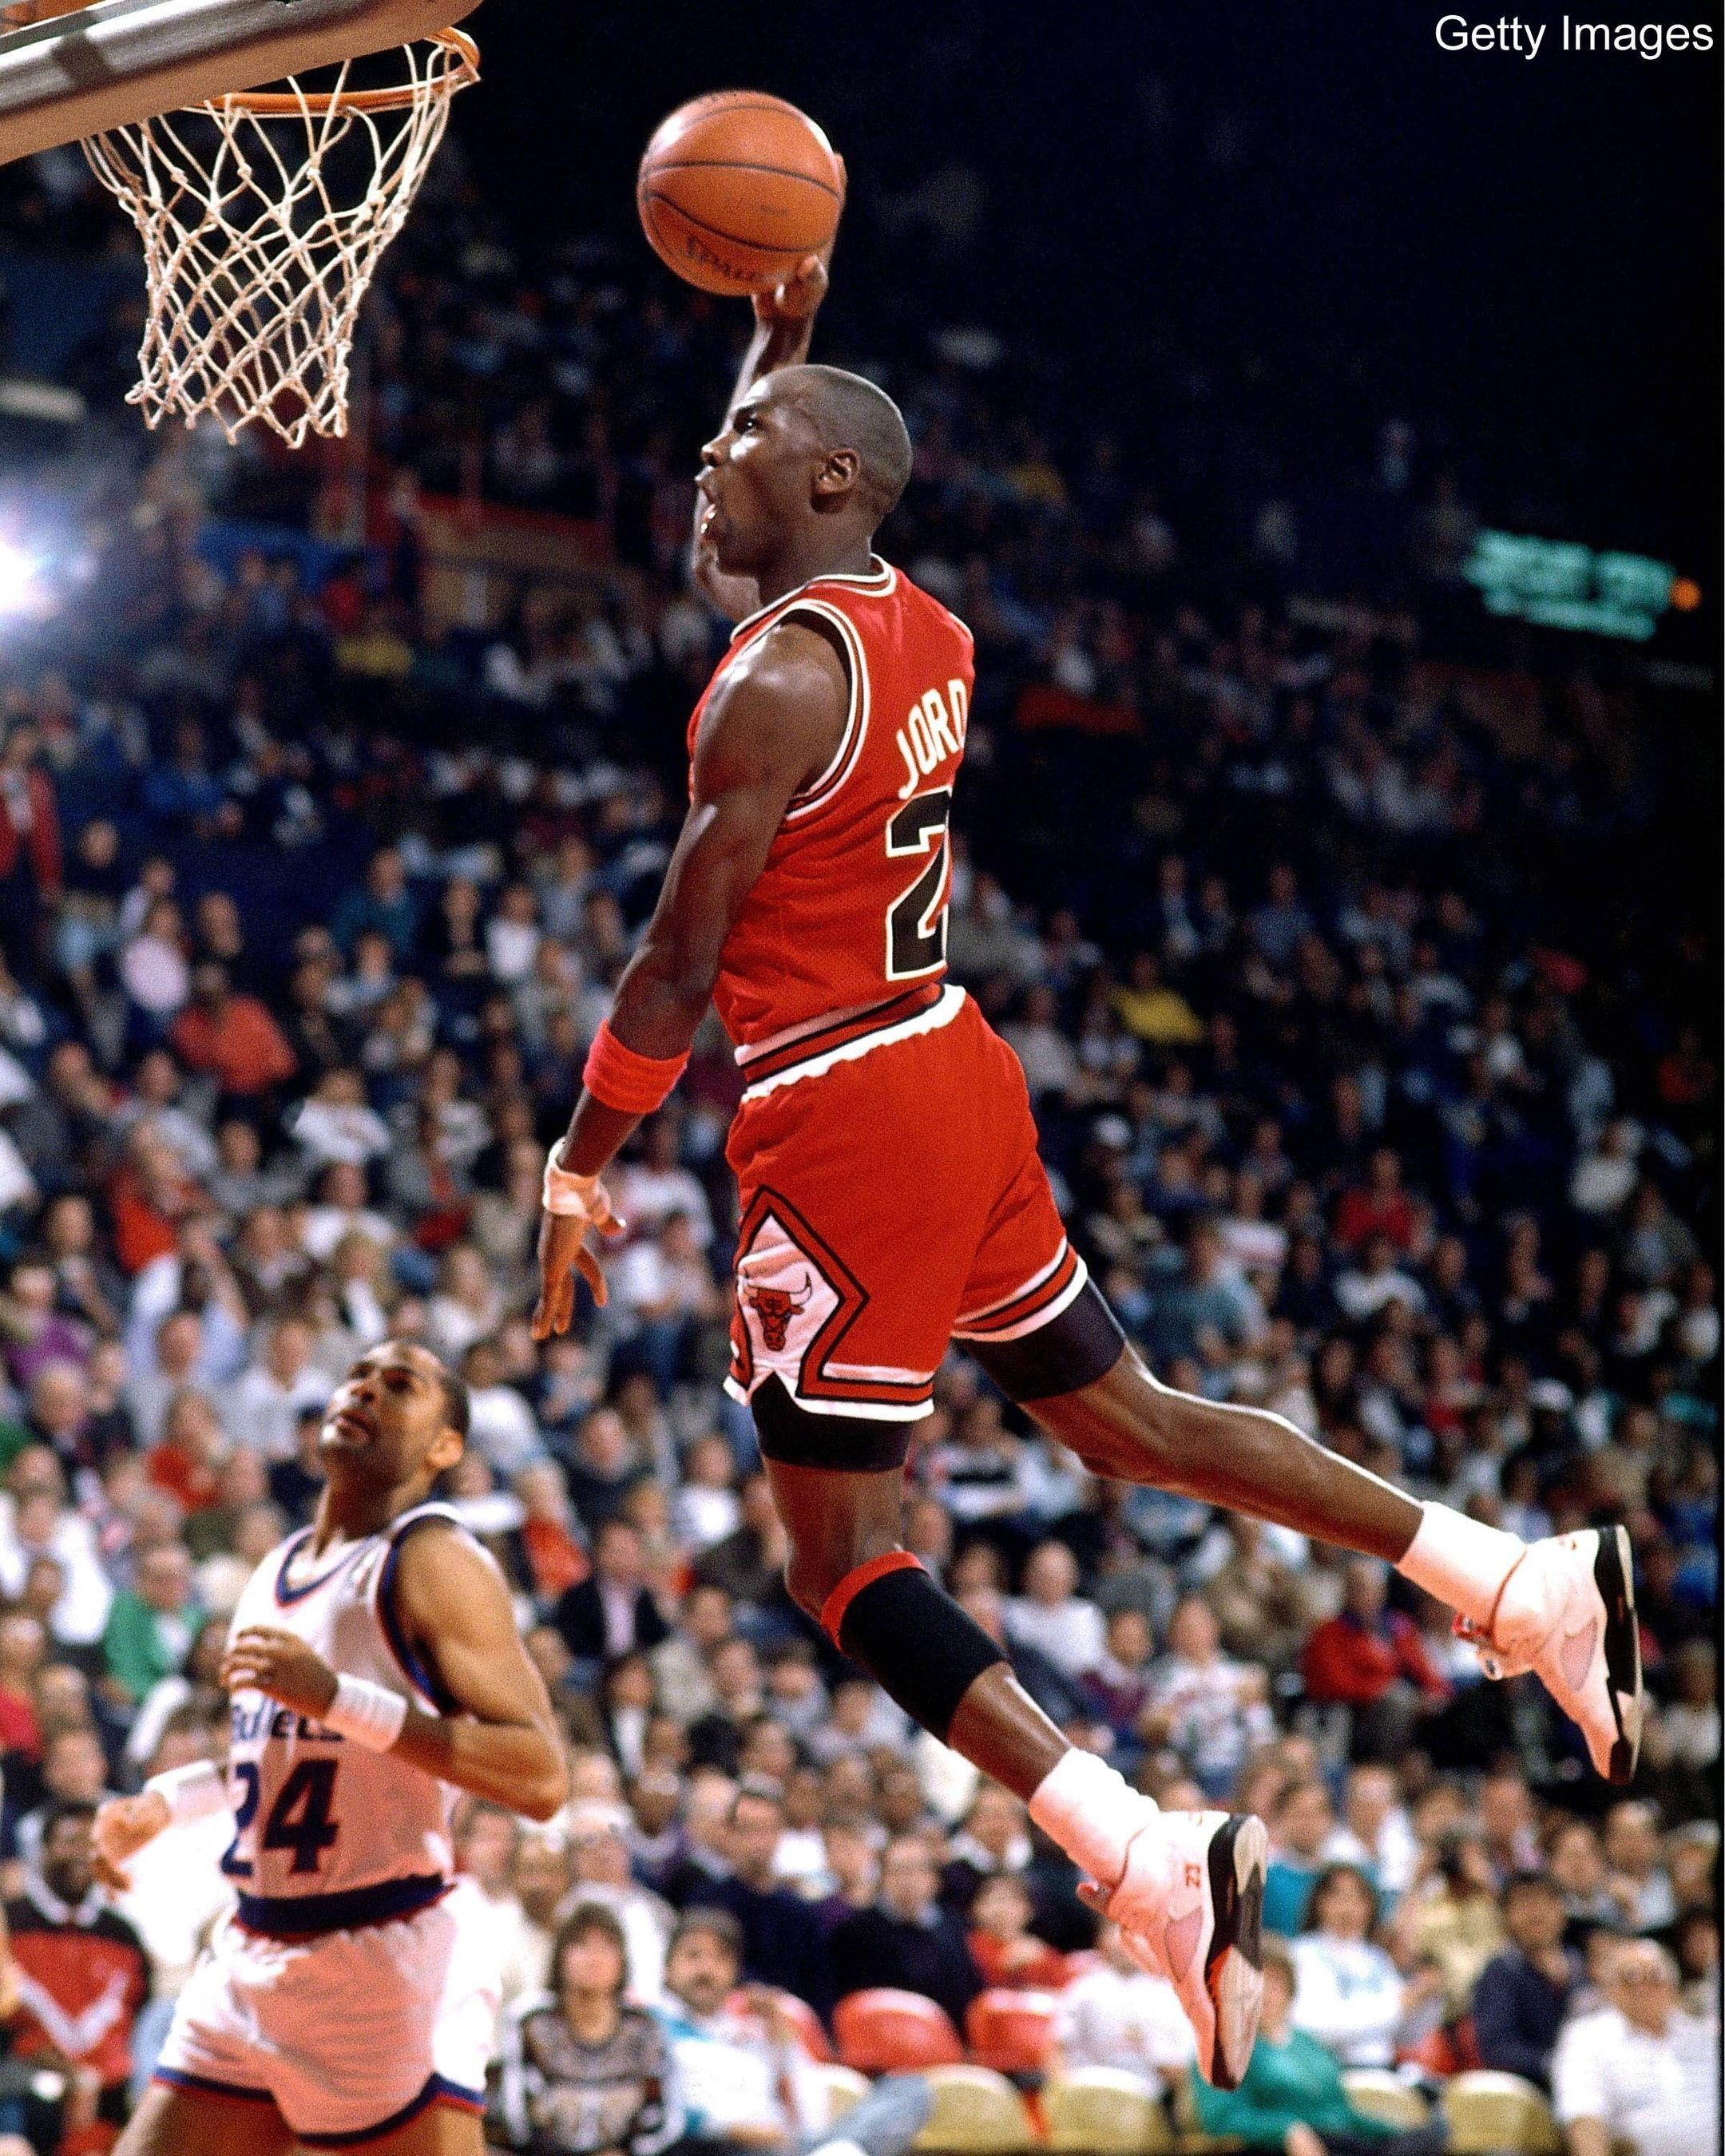 Michael Jordan Wallpaper Dunk (61+ Images